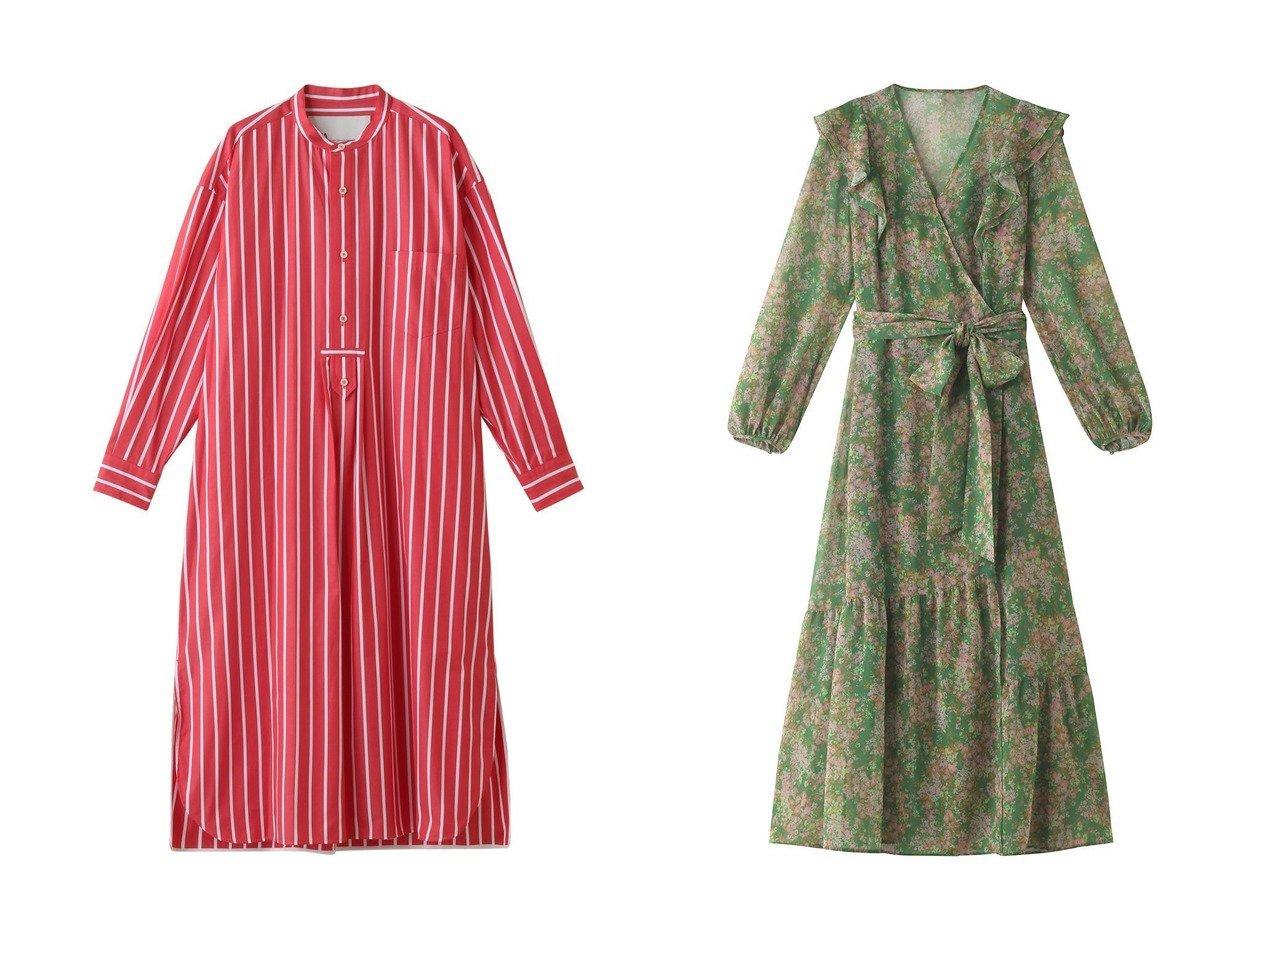 【allureville/アルアバイル】の【TICCA】ストライプワンピース&【Loulou Willoughby】ランダムフラワーカシュワンピース 【ワンピース・ドレス】おすすめ!人気、トレンド・レディースファッションの通販  おすすめで人気の流行・トレンド、ファッションの通販商品 メンズファッション・キッズファッション・インテリア・家具・レディースファッション・服の通販 founy(ファニー) https://founy.com/ ファッション Fashion レディースファッション WOMEN ワンピース Dress 2021年 2021 2021春夏・S/S SS/Spring/Summer/2021 S/S・春夏 SS・Spring/Summer エレガント シアー スリーブ フラワー プリント ヘムライン ランダム 春 Spring |ID:crp329100000027085